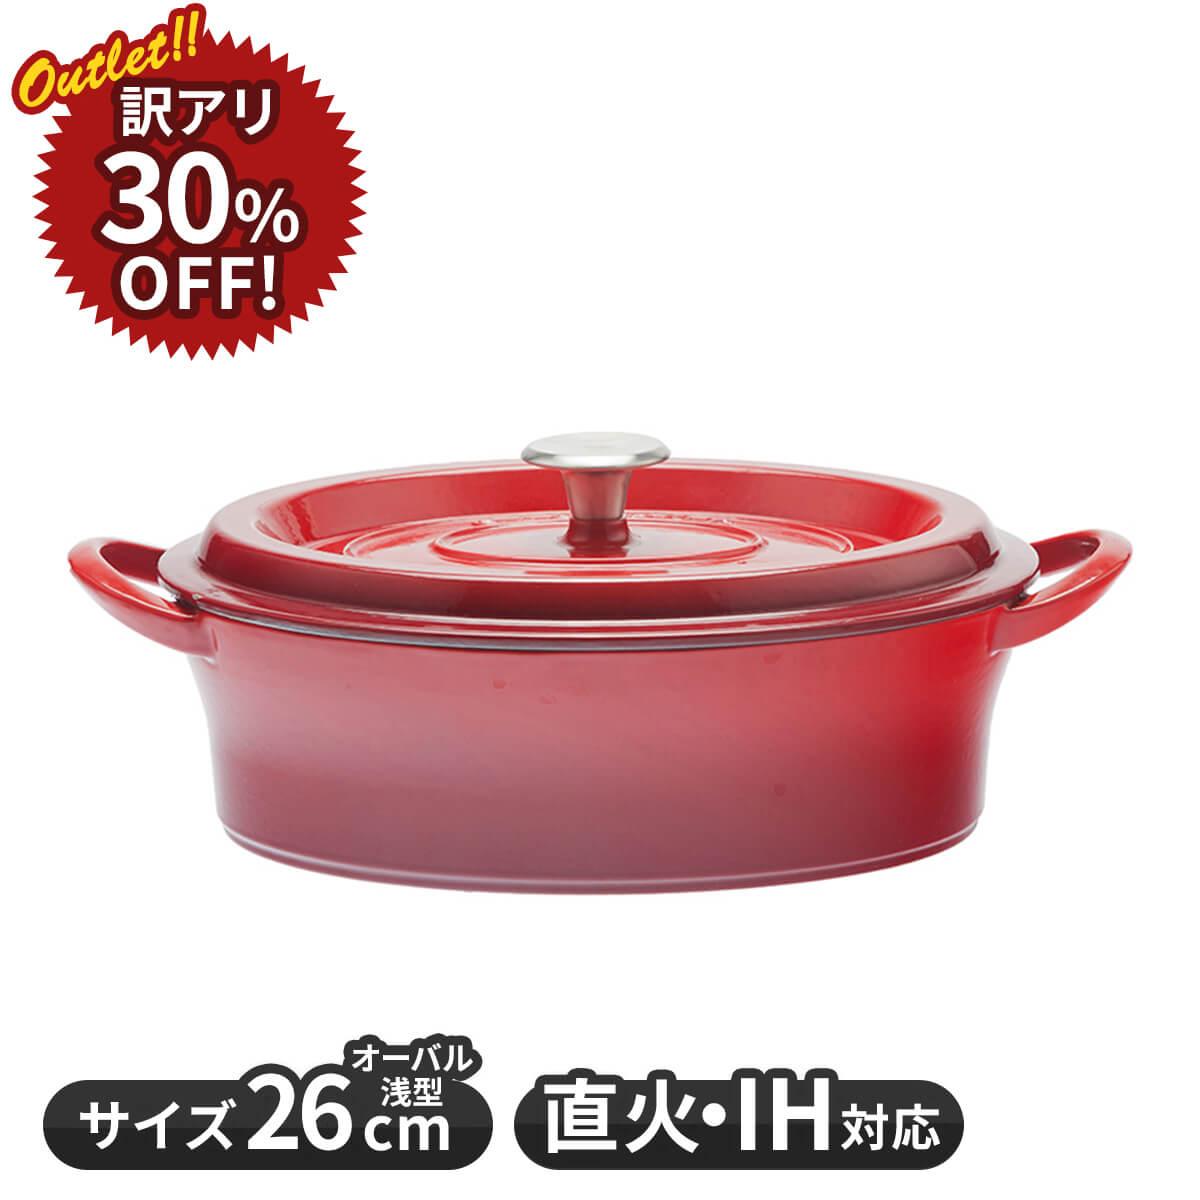 【アウトレットセール30%オフ/訳あり】グッドプラス キャストポット オーバル26�レッド(鉄鋳物ホーロー鍋)